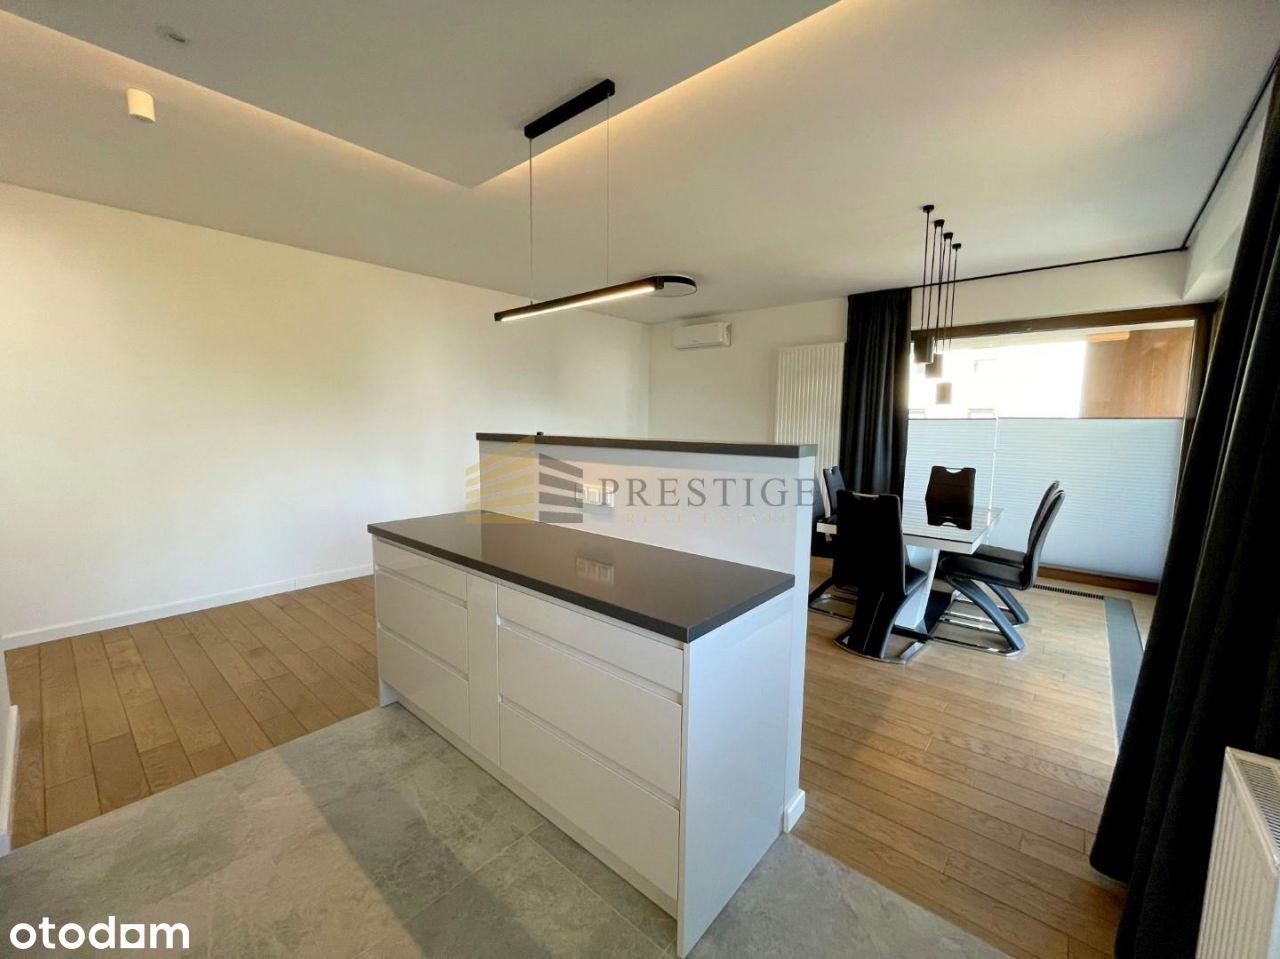 Apartament w nowej inwestycji 2xGaraż Klimatyzacja